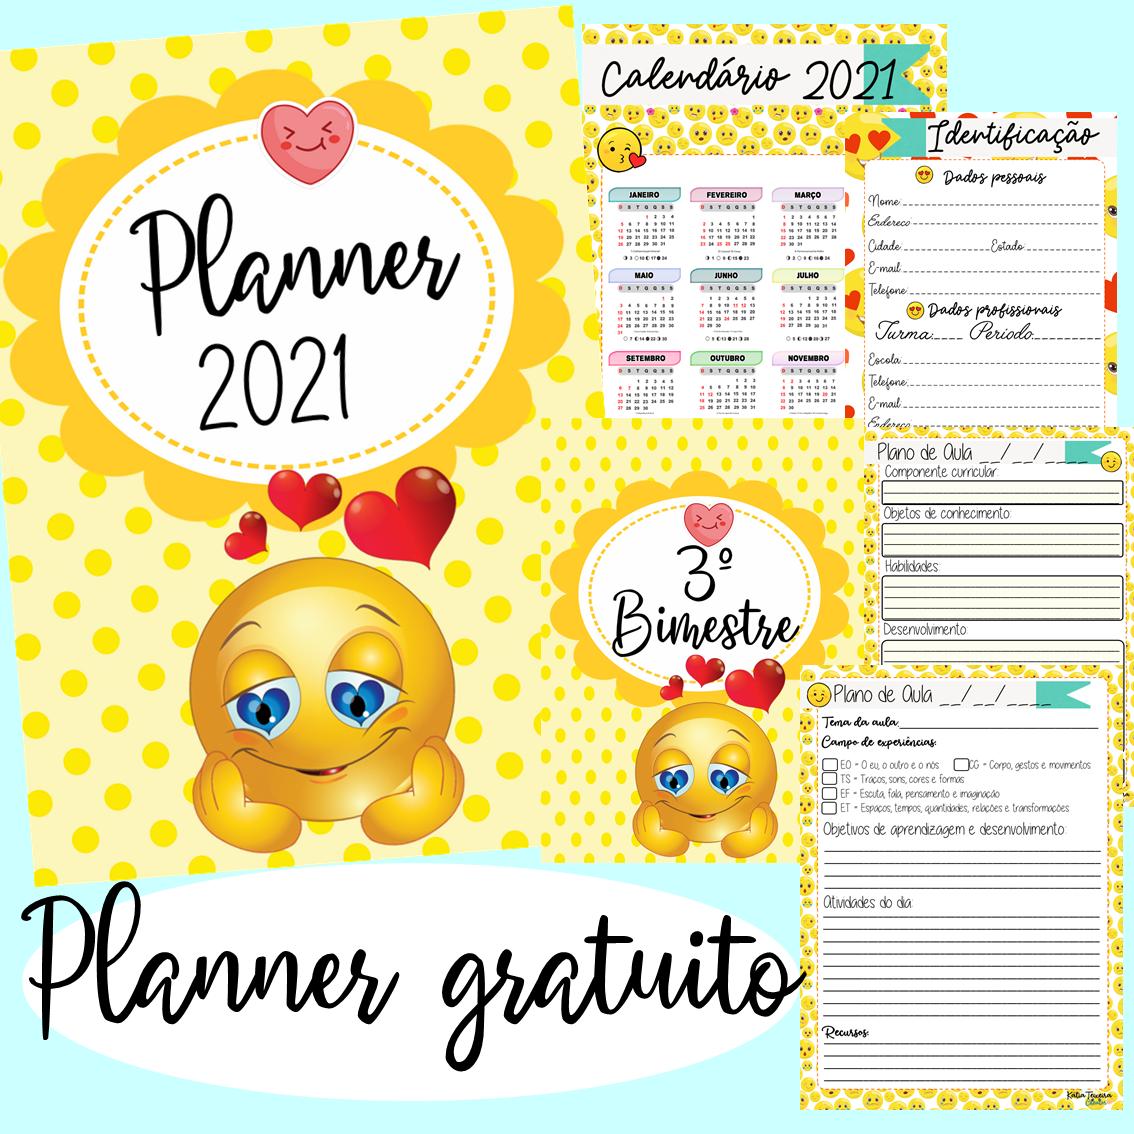 Planner Emoji para professor 2021 em PDF grátis